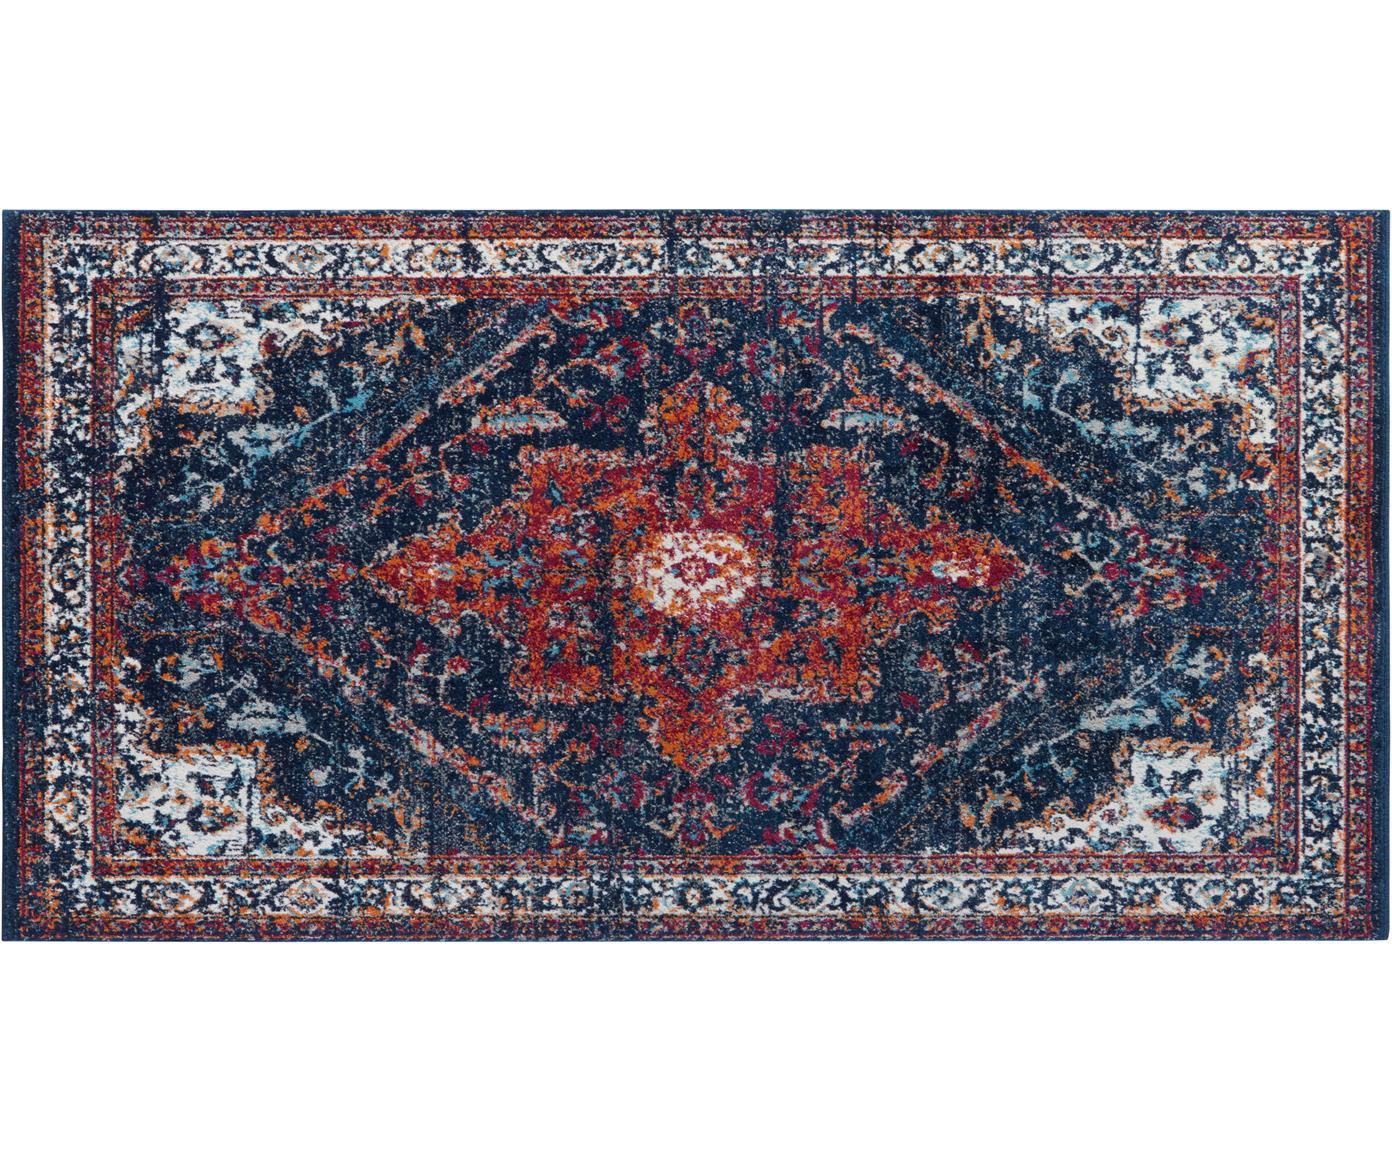 Tappeto vintage Azrov, Retro: poliestere, Blu scuro, rosso, Larg. 80 x Lung. 150 cm (taglia XS)